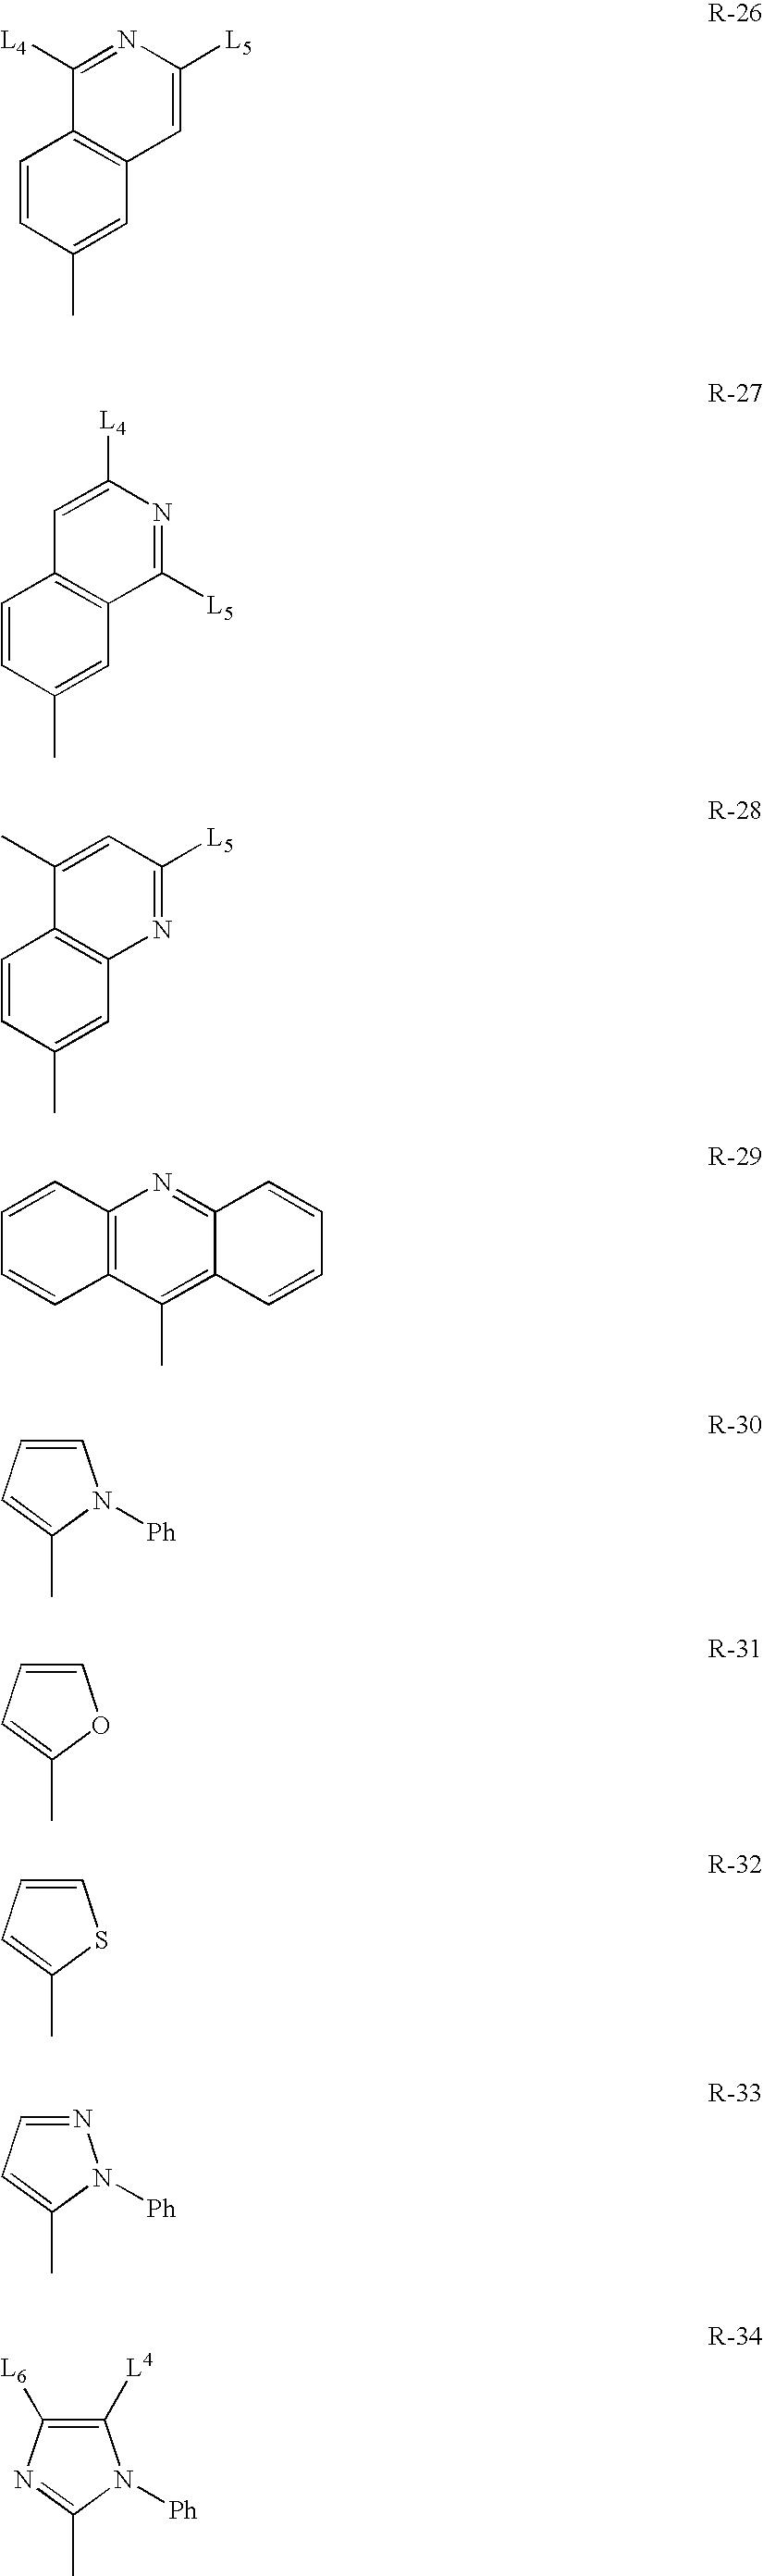 Figure US20060186796A1-20060824-C00023